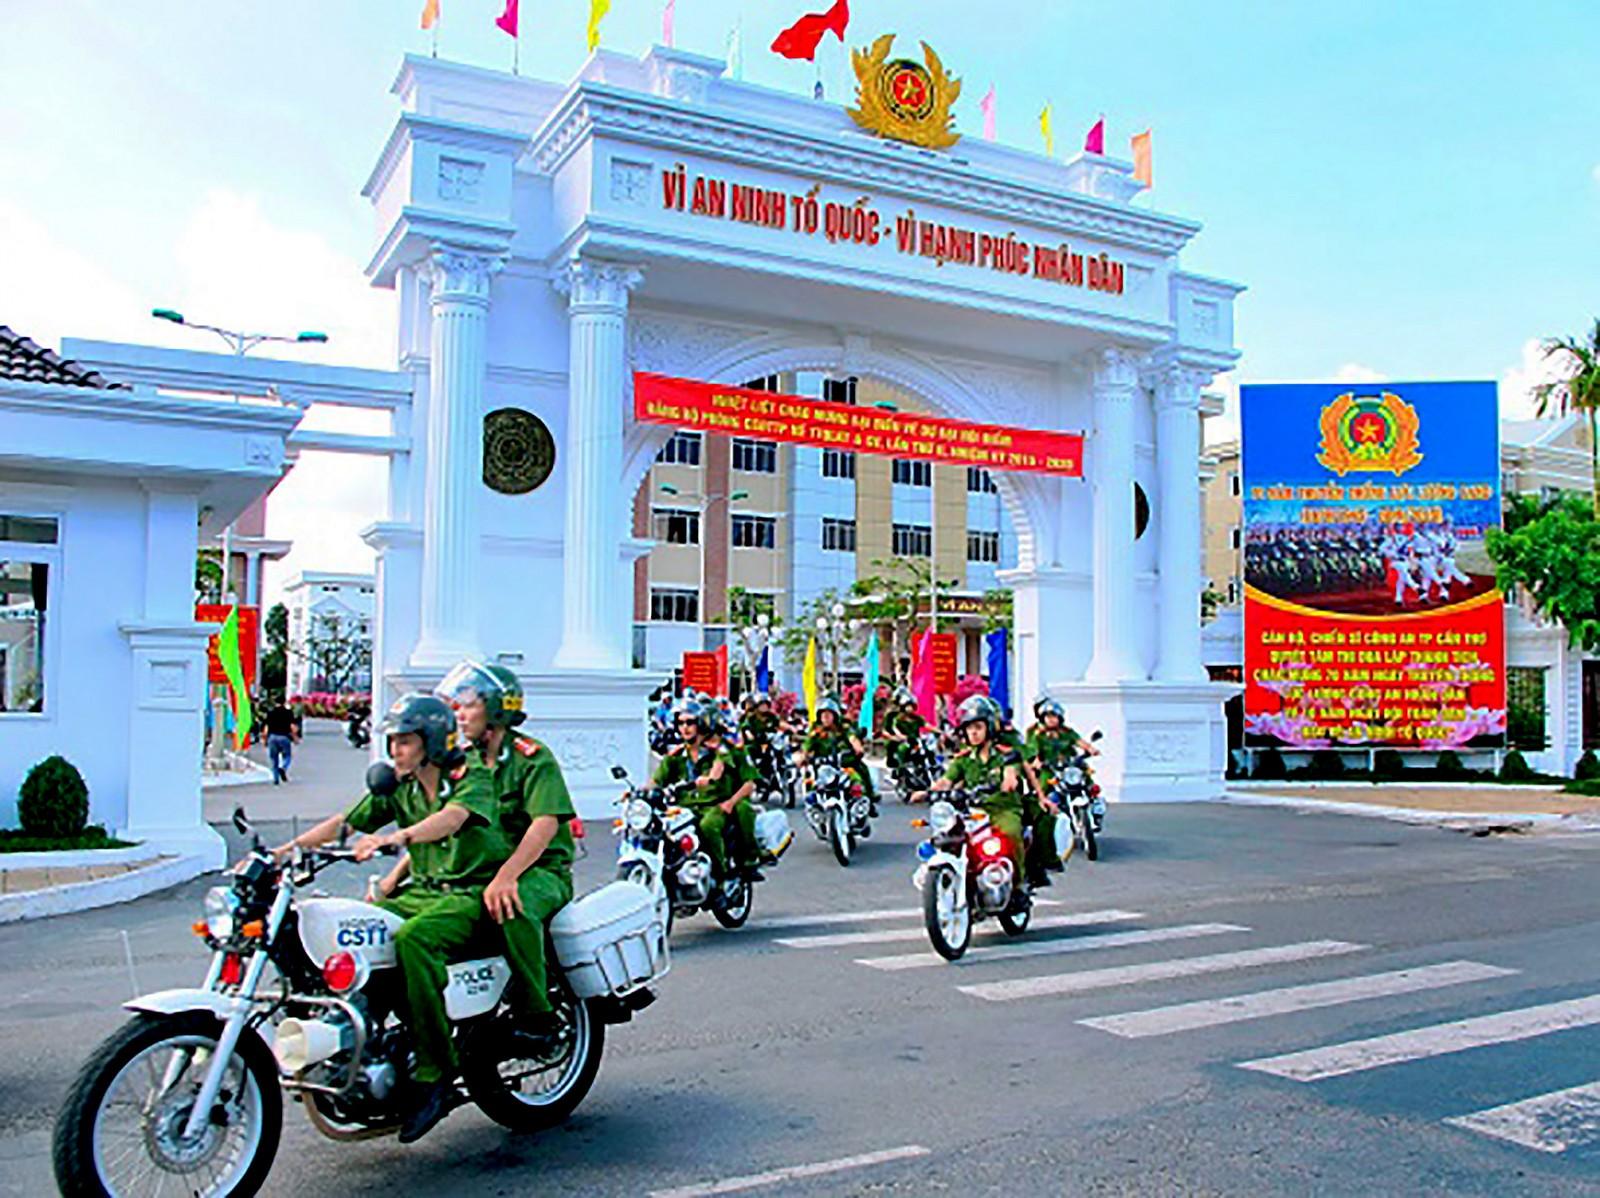 Cán bộ chiến sĩ Công an TP Cần Thơ lên đường tuần tra, giữ gìn bình yên thành phố.